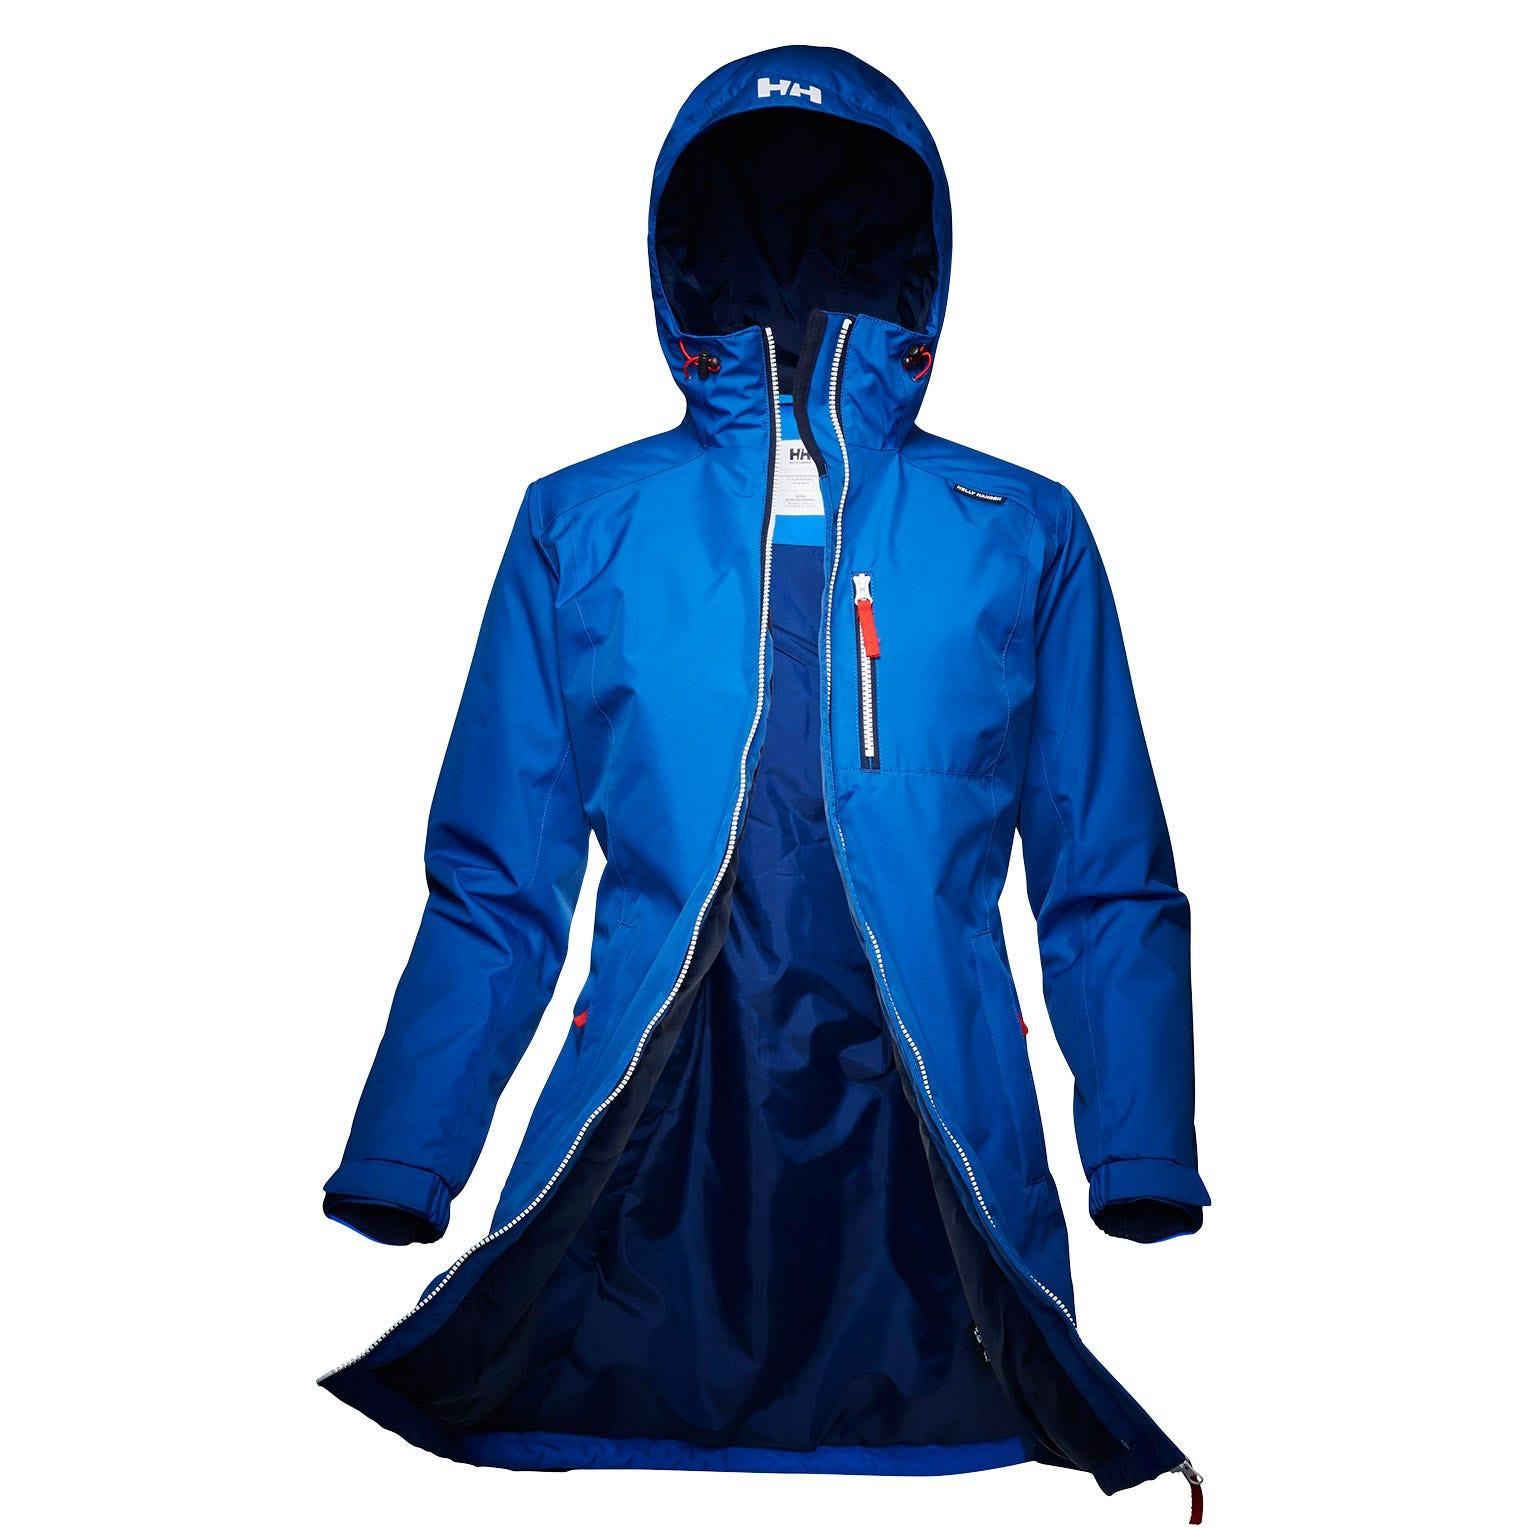 W LONG BELFAST WINTER JACKET - Parkas & Rainwear - Holiday Gifts ...